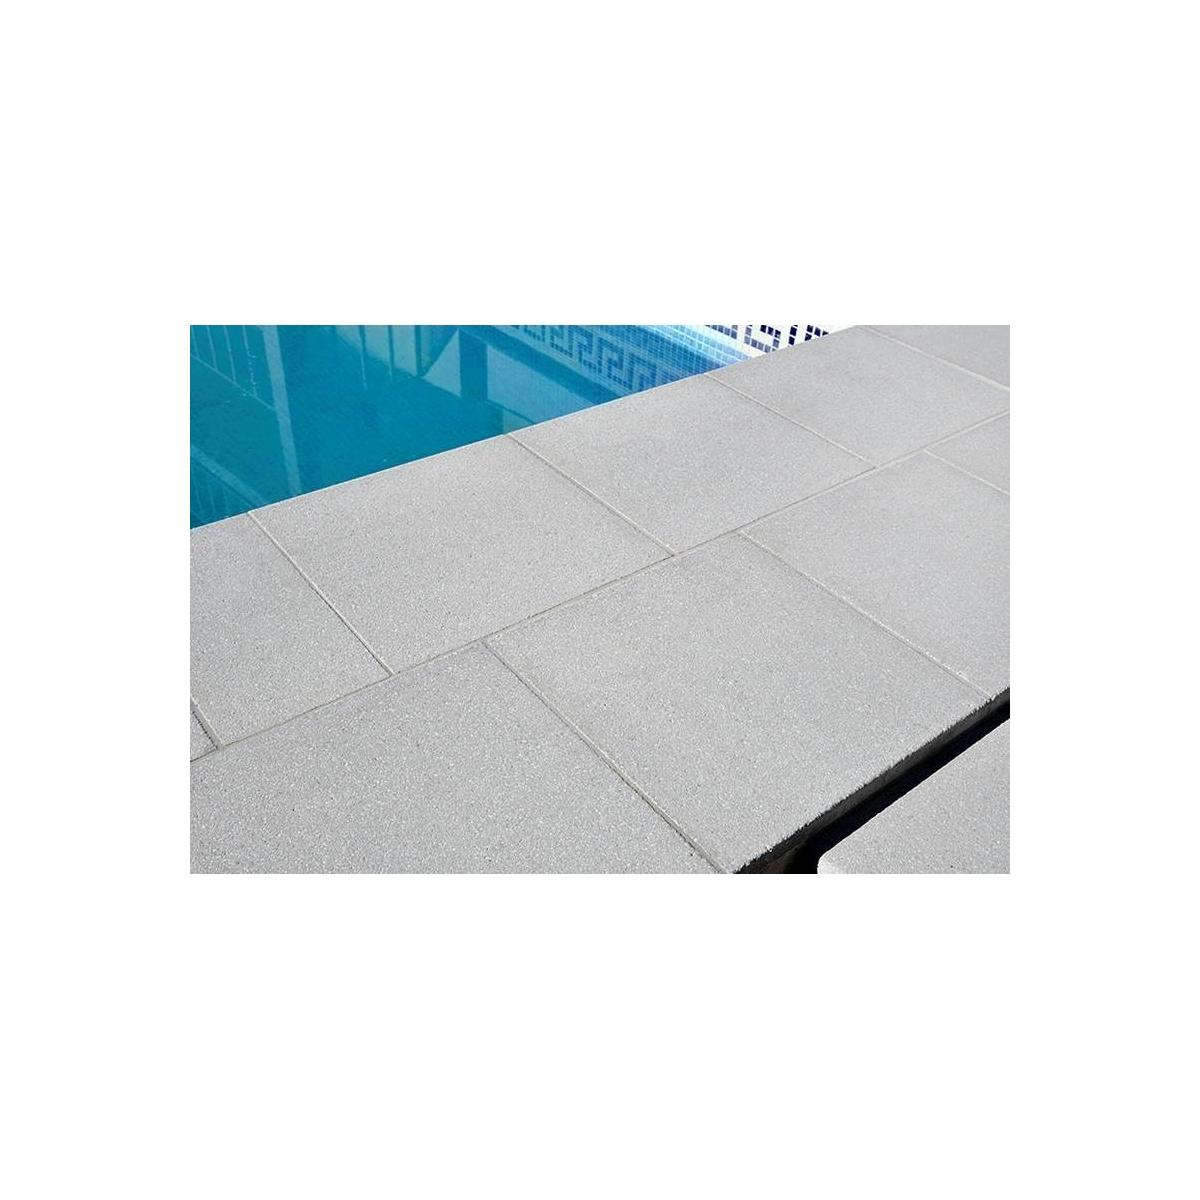 Borde de piscina esquina invertida Jerez Modelo Jerez